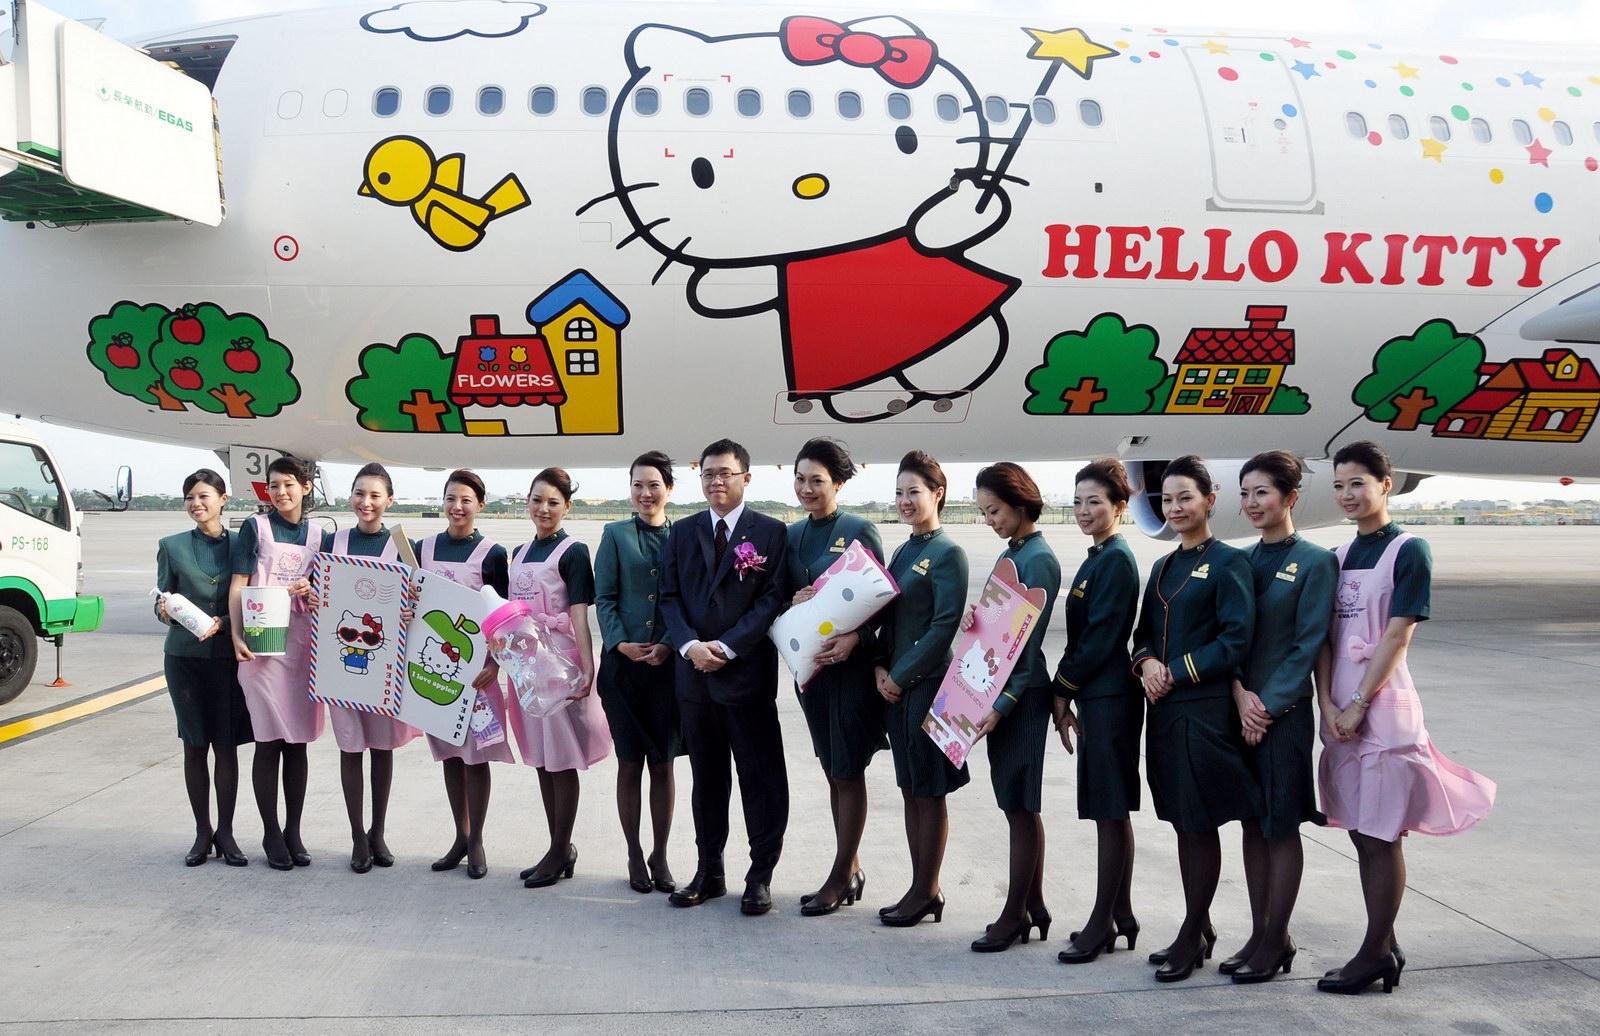 http://1.bp.blogspot.com/-B7vLU6blx-U/TsEg8HsomVI/AAAAAAAAIV4/qNIEY1jJjcg/s1600/Hello+kitty+EVA+air+stewardess_1.jpg